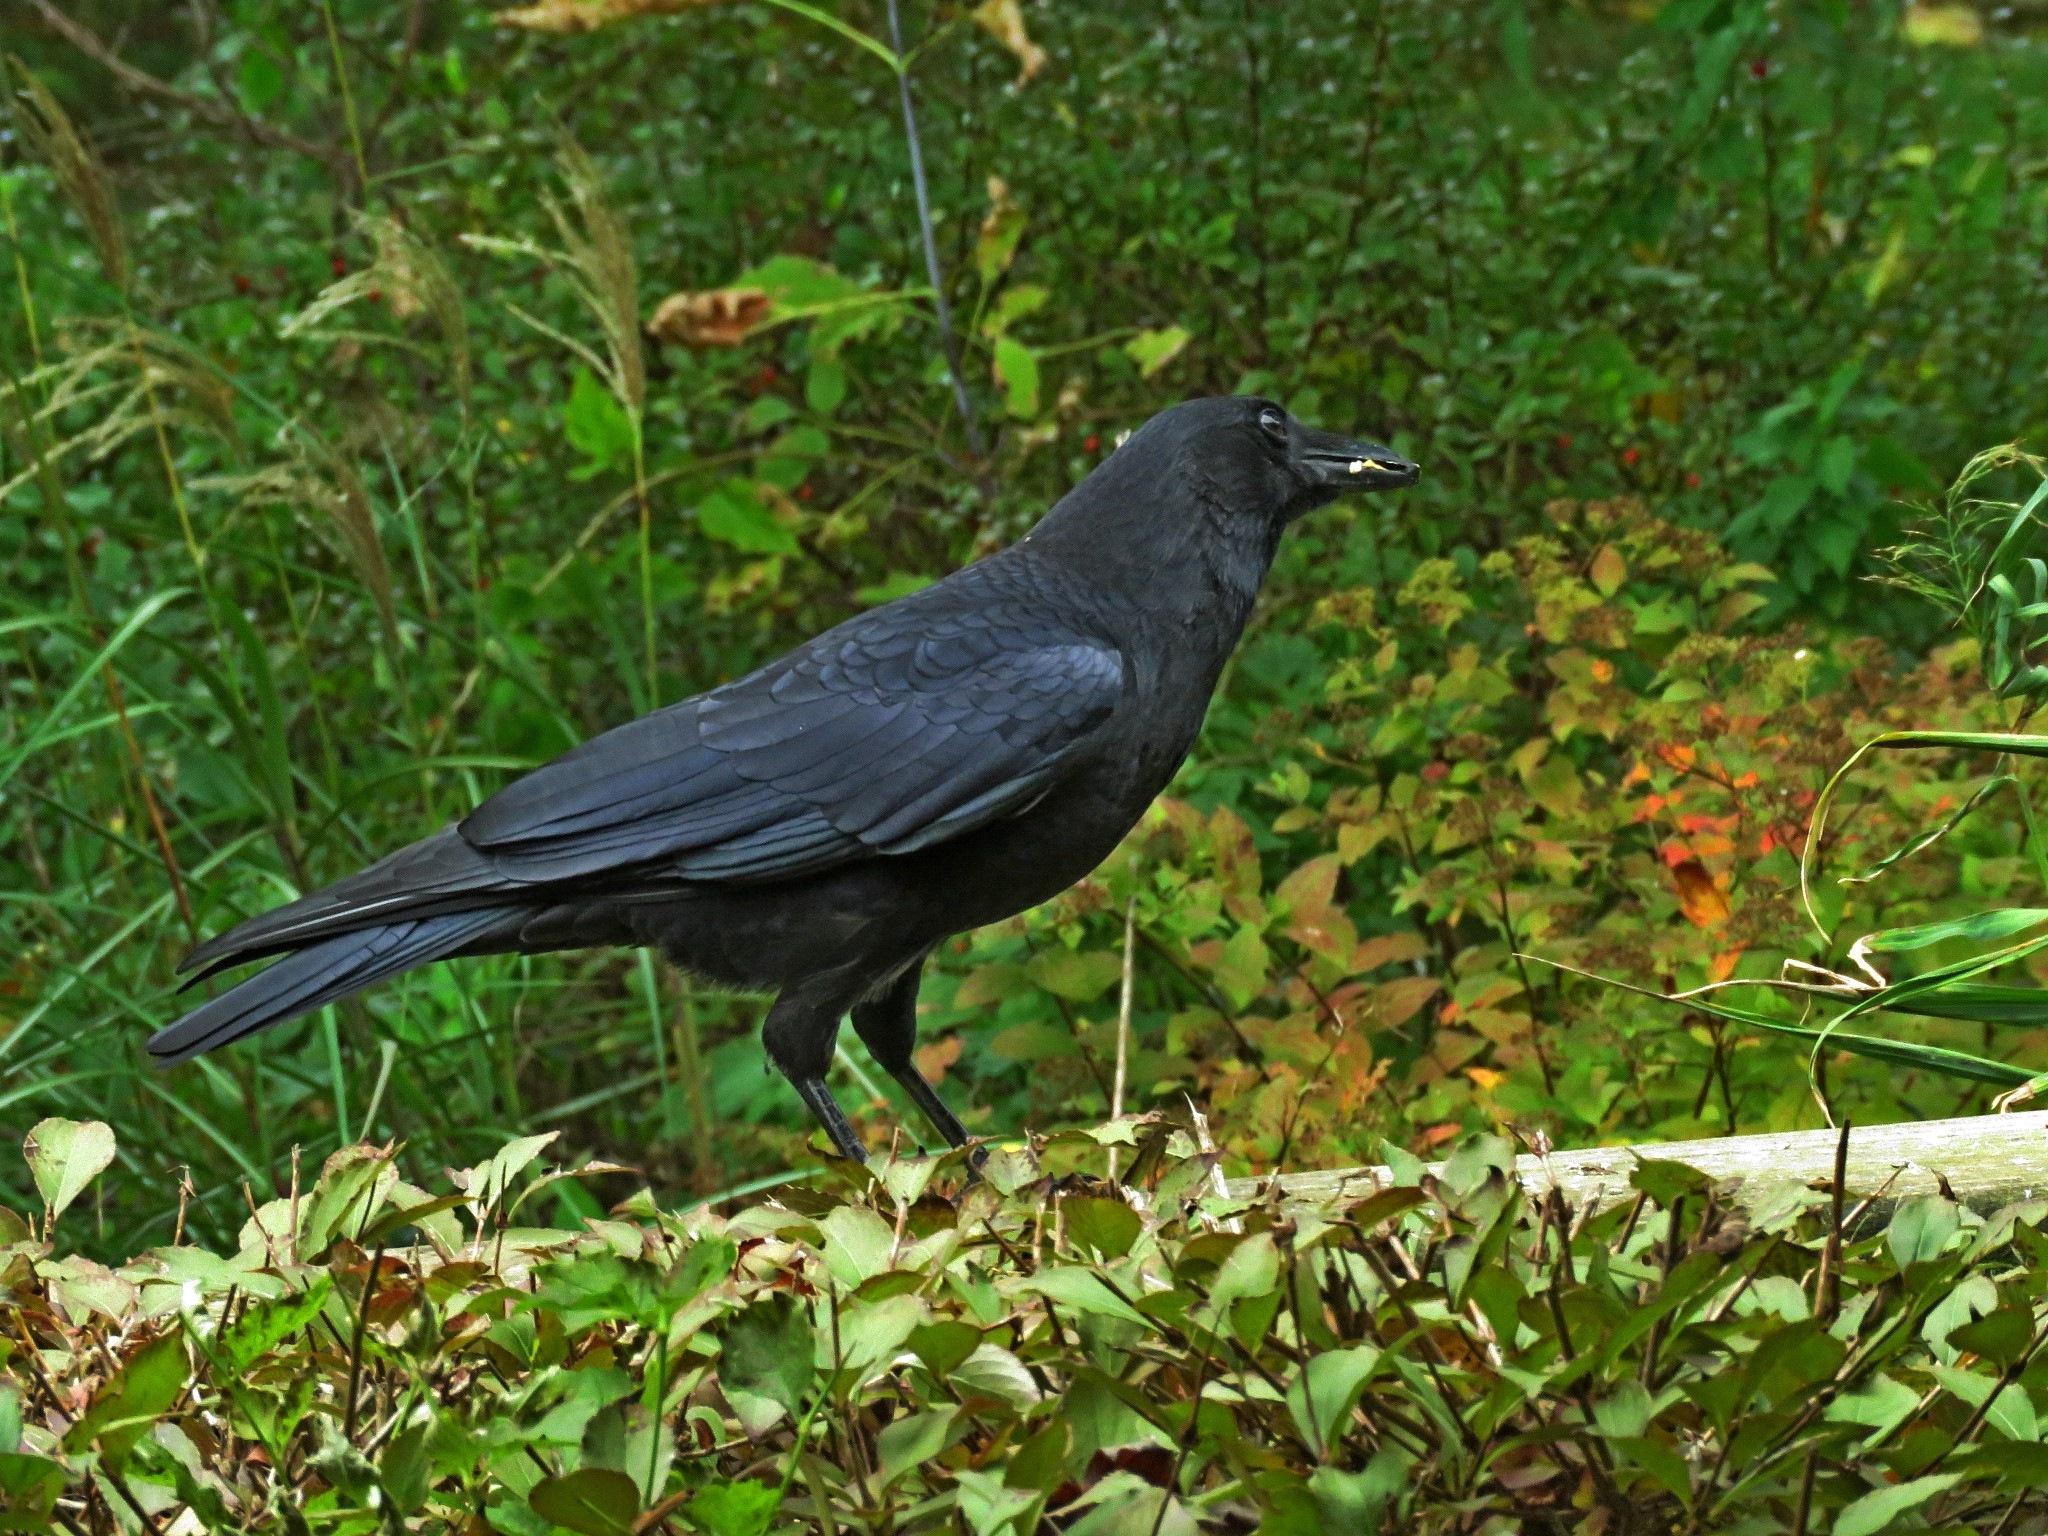 American Crow by Wayne T. 'tom' Helfrich